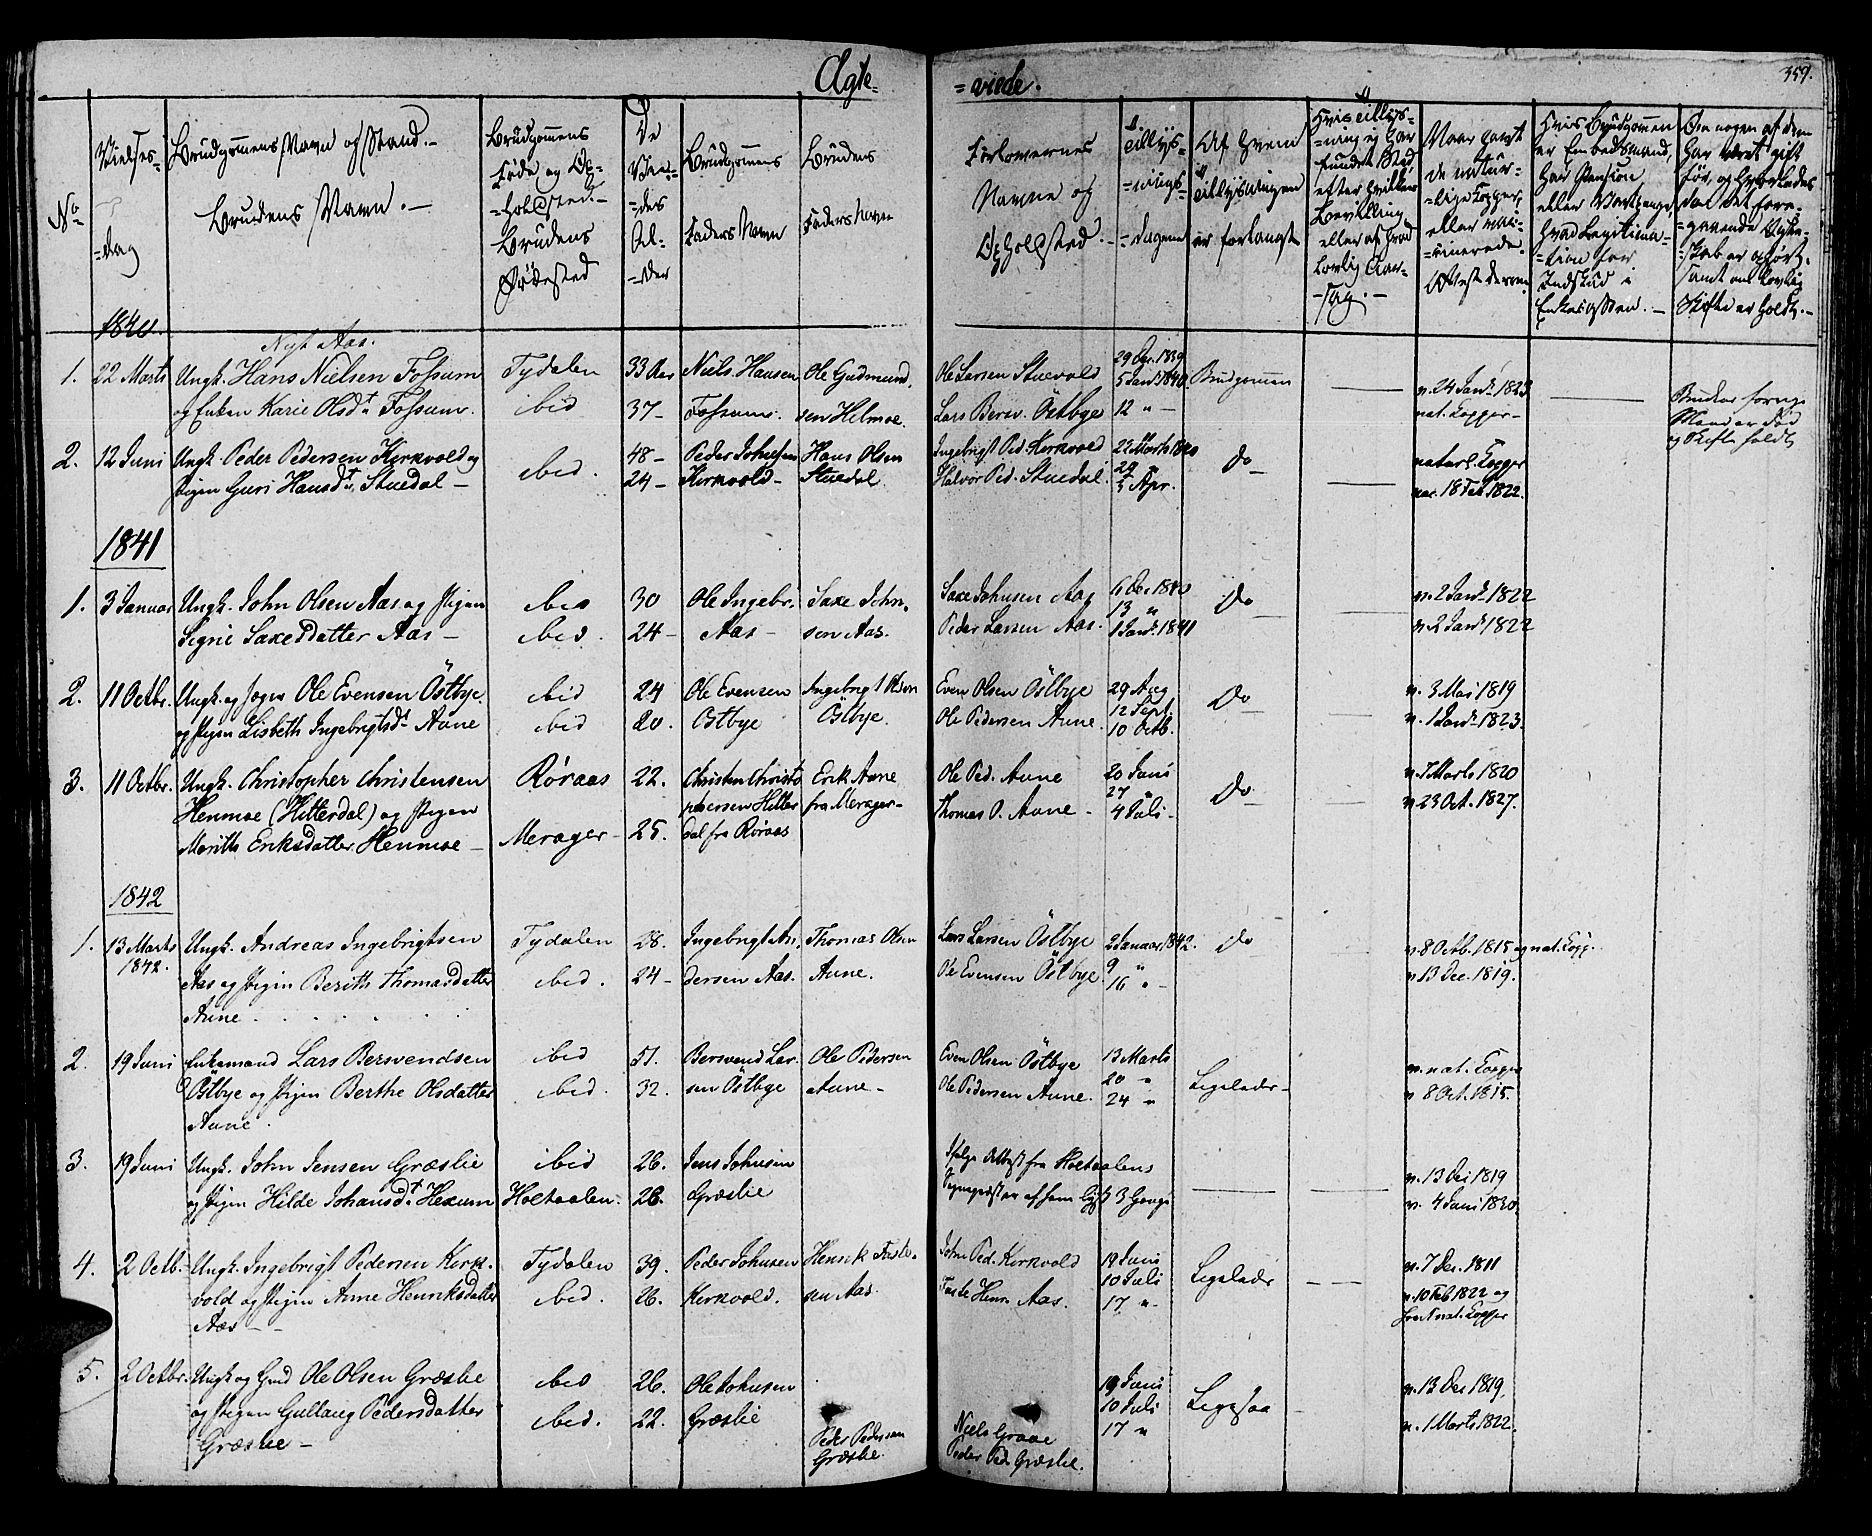 SAT, Ministerialprotokoller, klokkerbøker og fødselsregistre - Sør-Trøndelag, 695/L1144: Ministerialbok nr. 695A05 /2, 1824-1842, s. 359